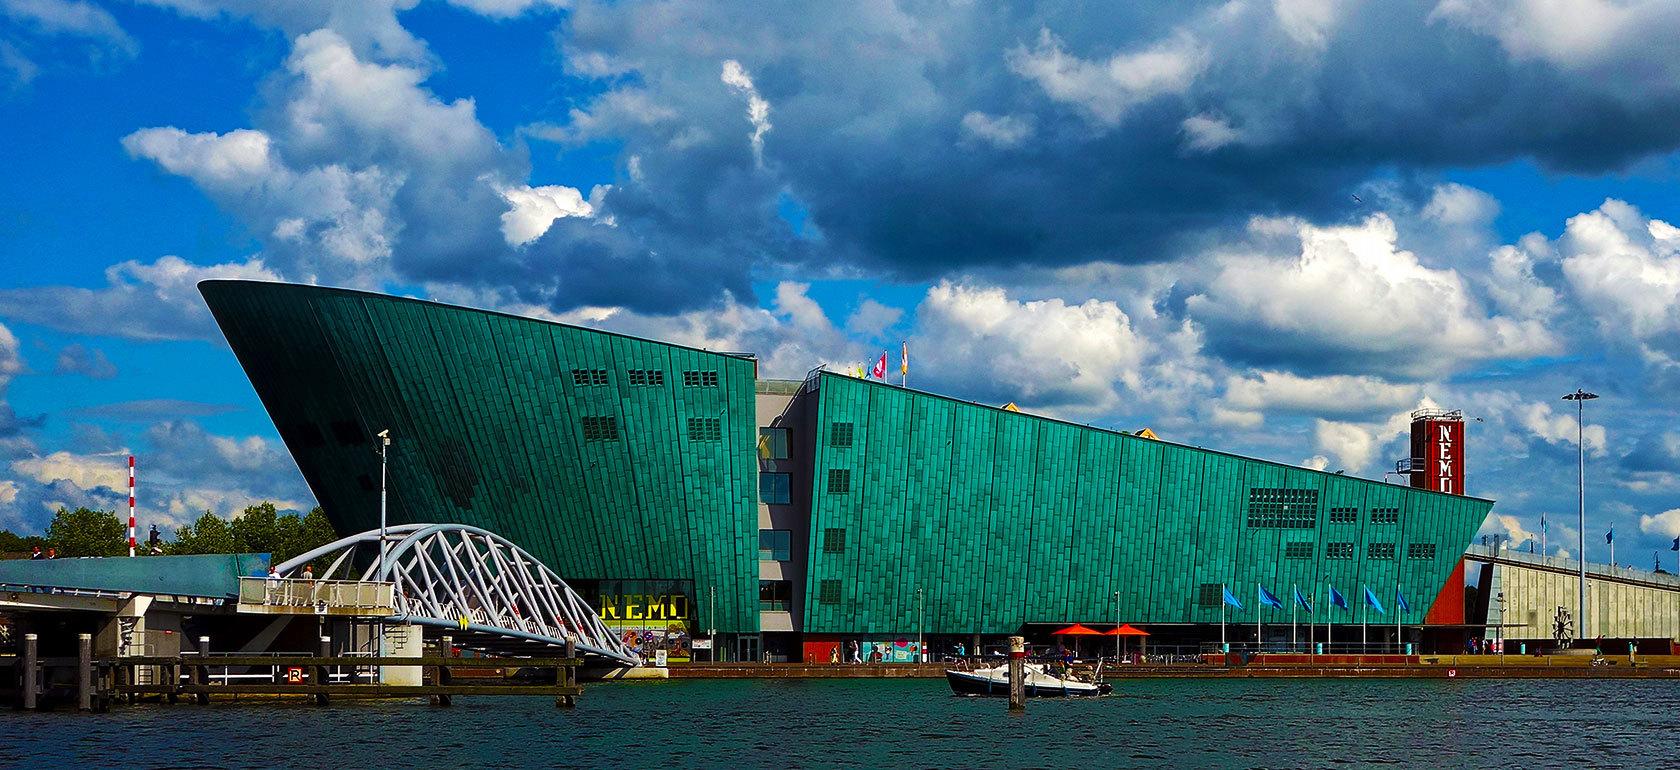 Nederlandse musea, in jouw eigen huiskamer